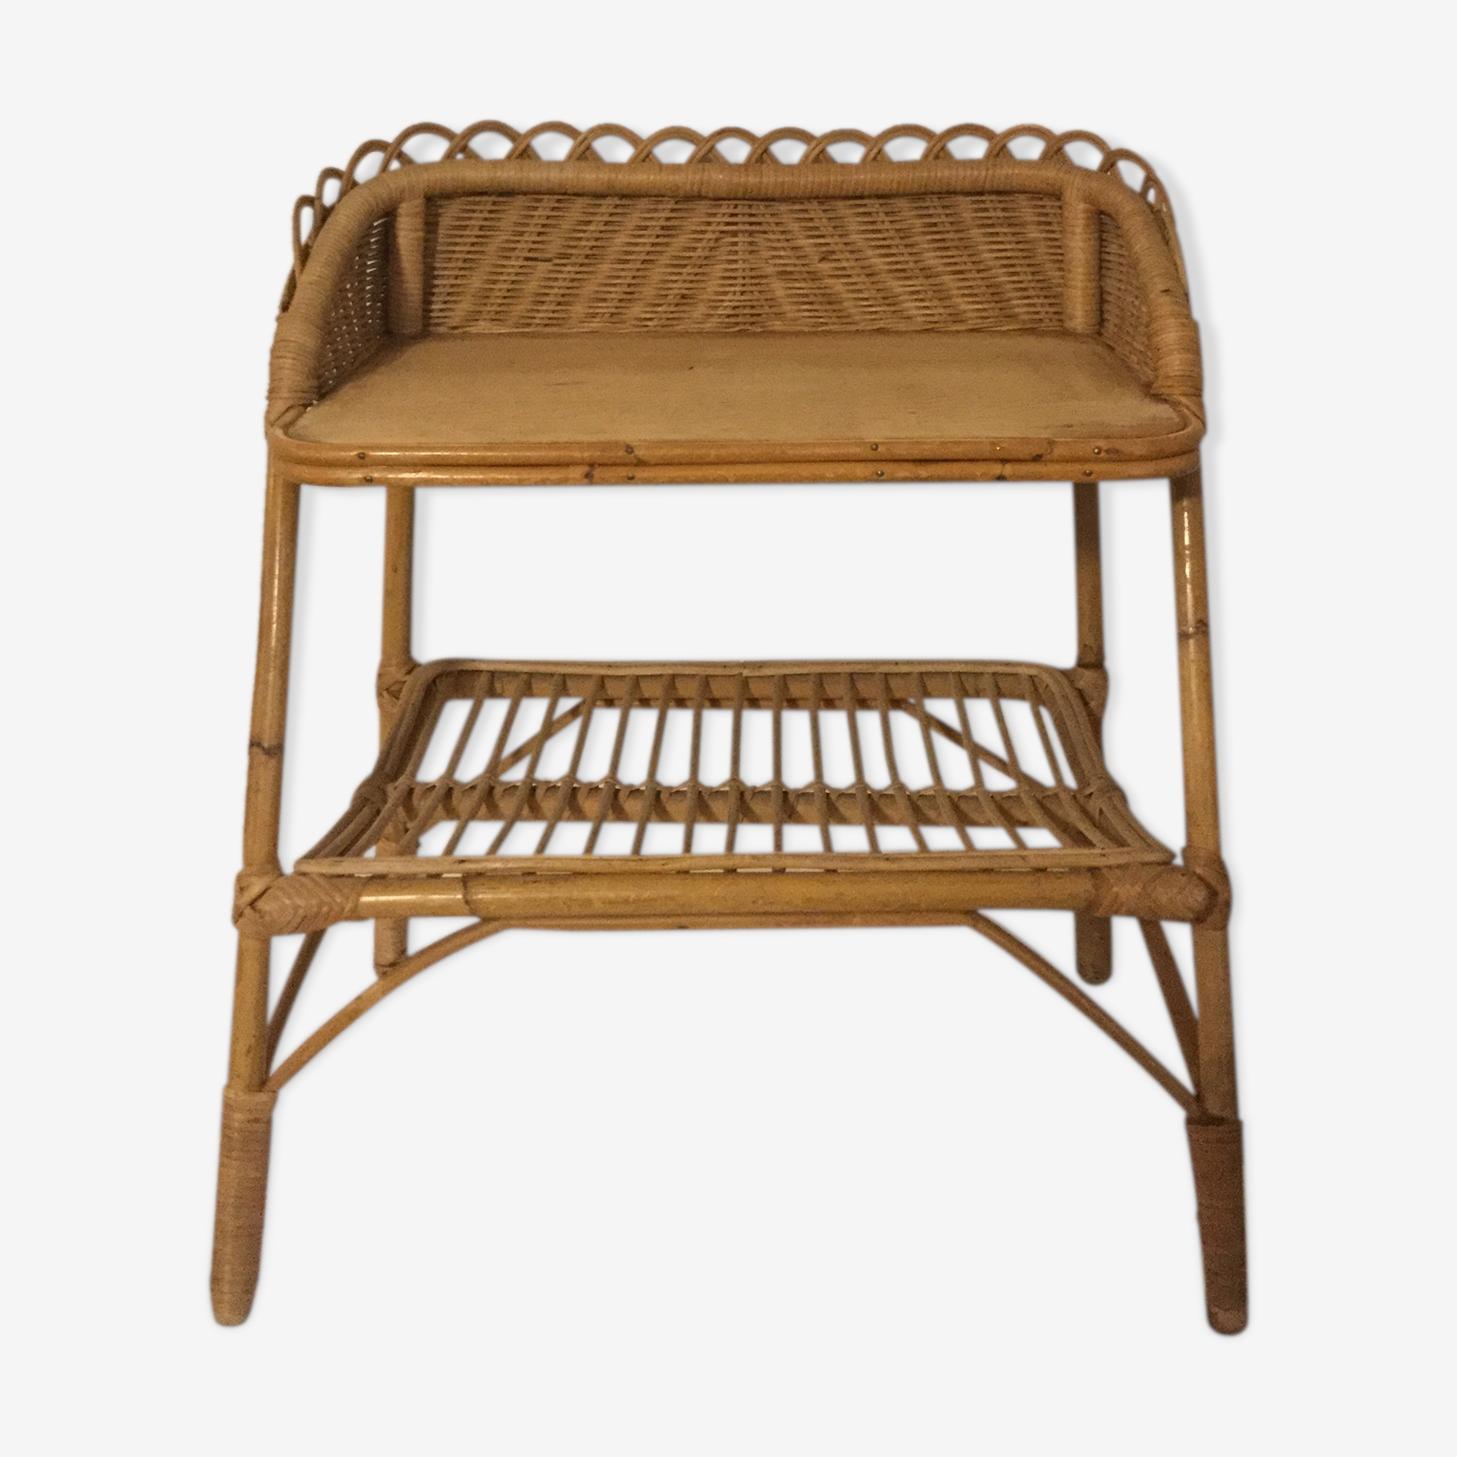 Vintage rattan bedside table.